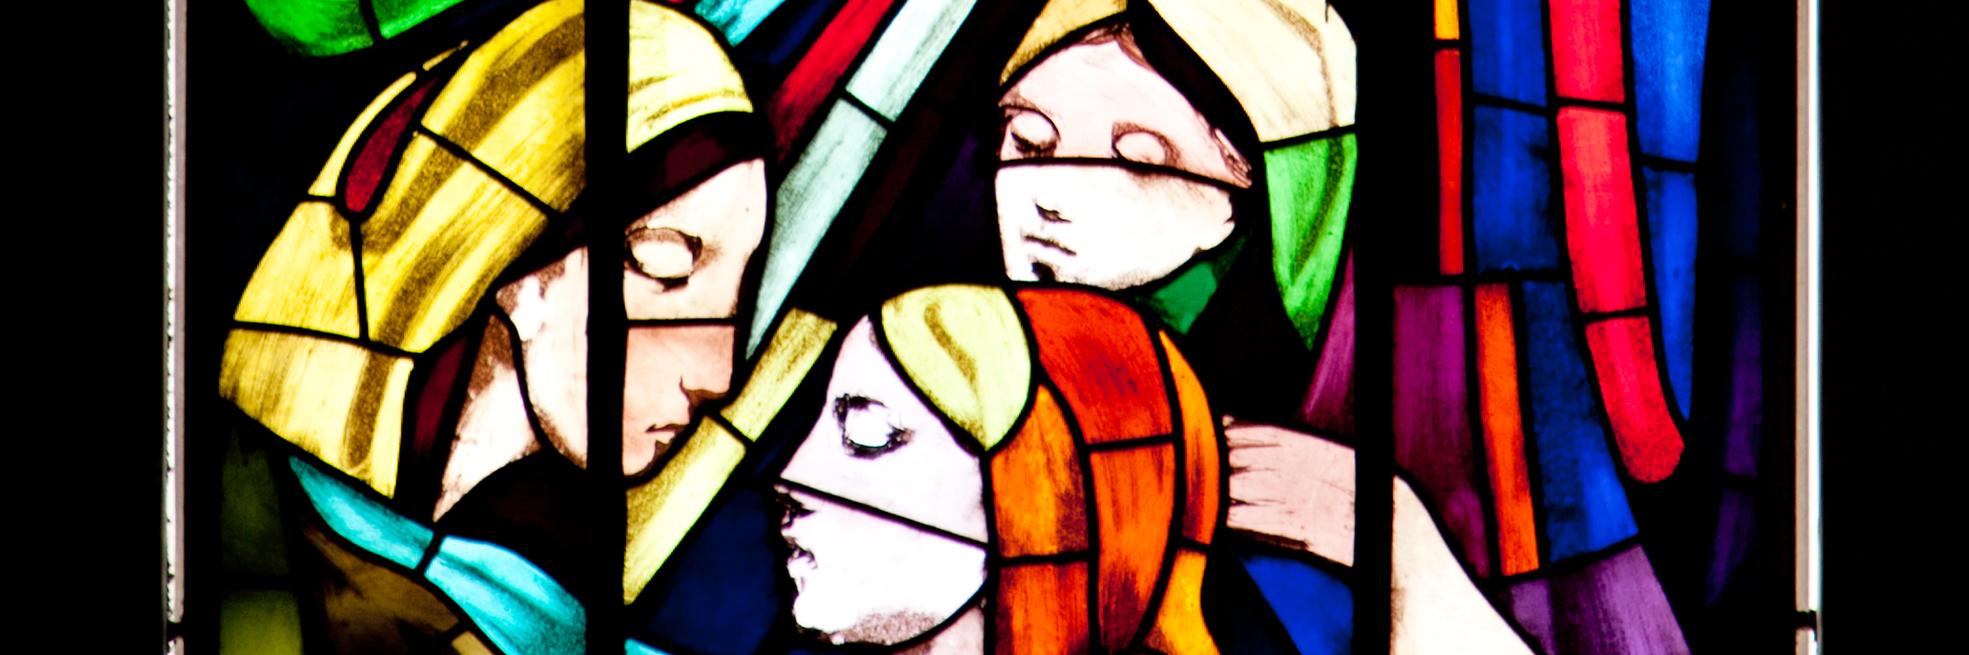 tres criancas pastores.jpg